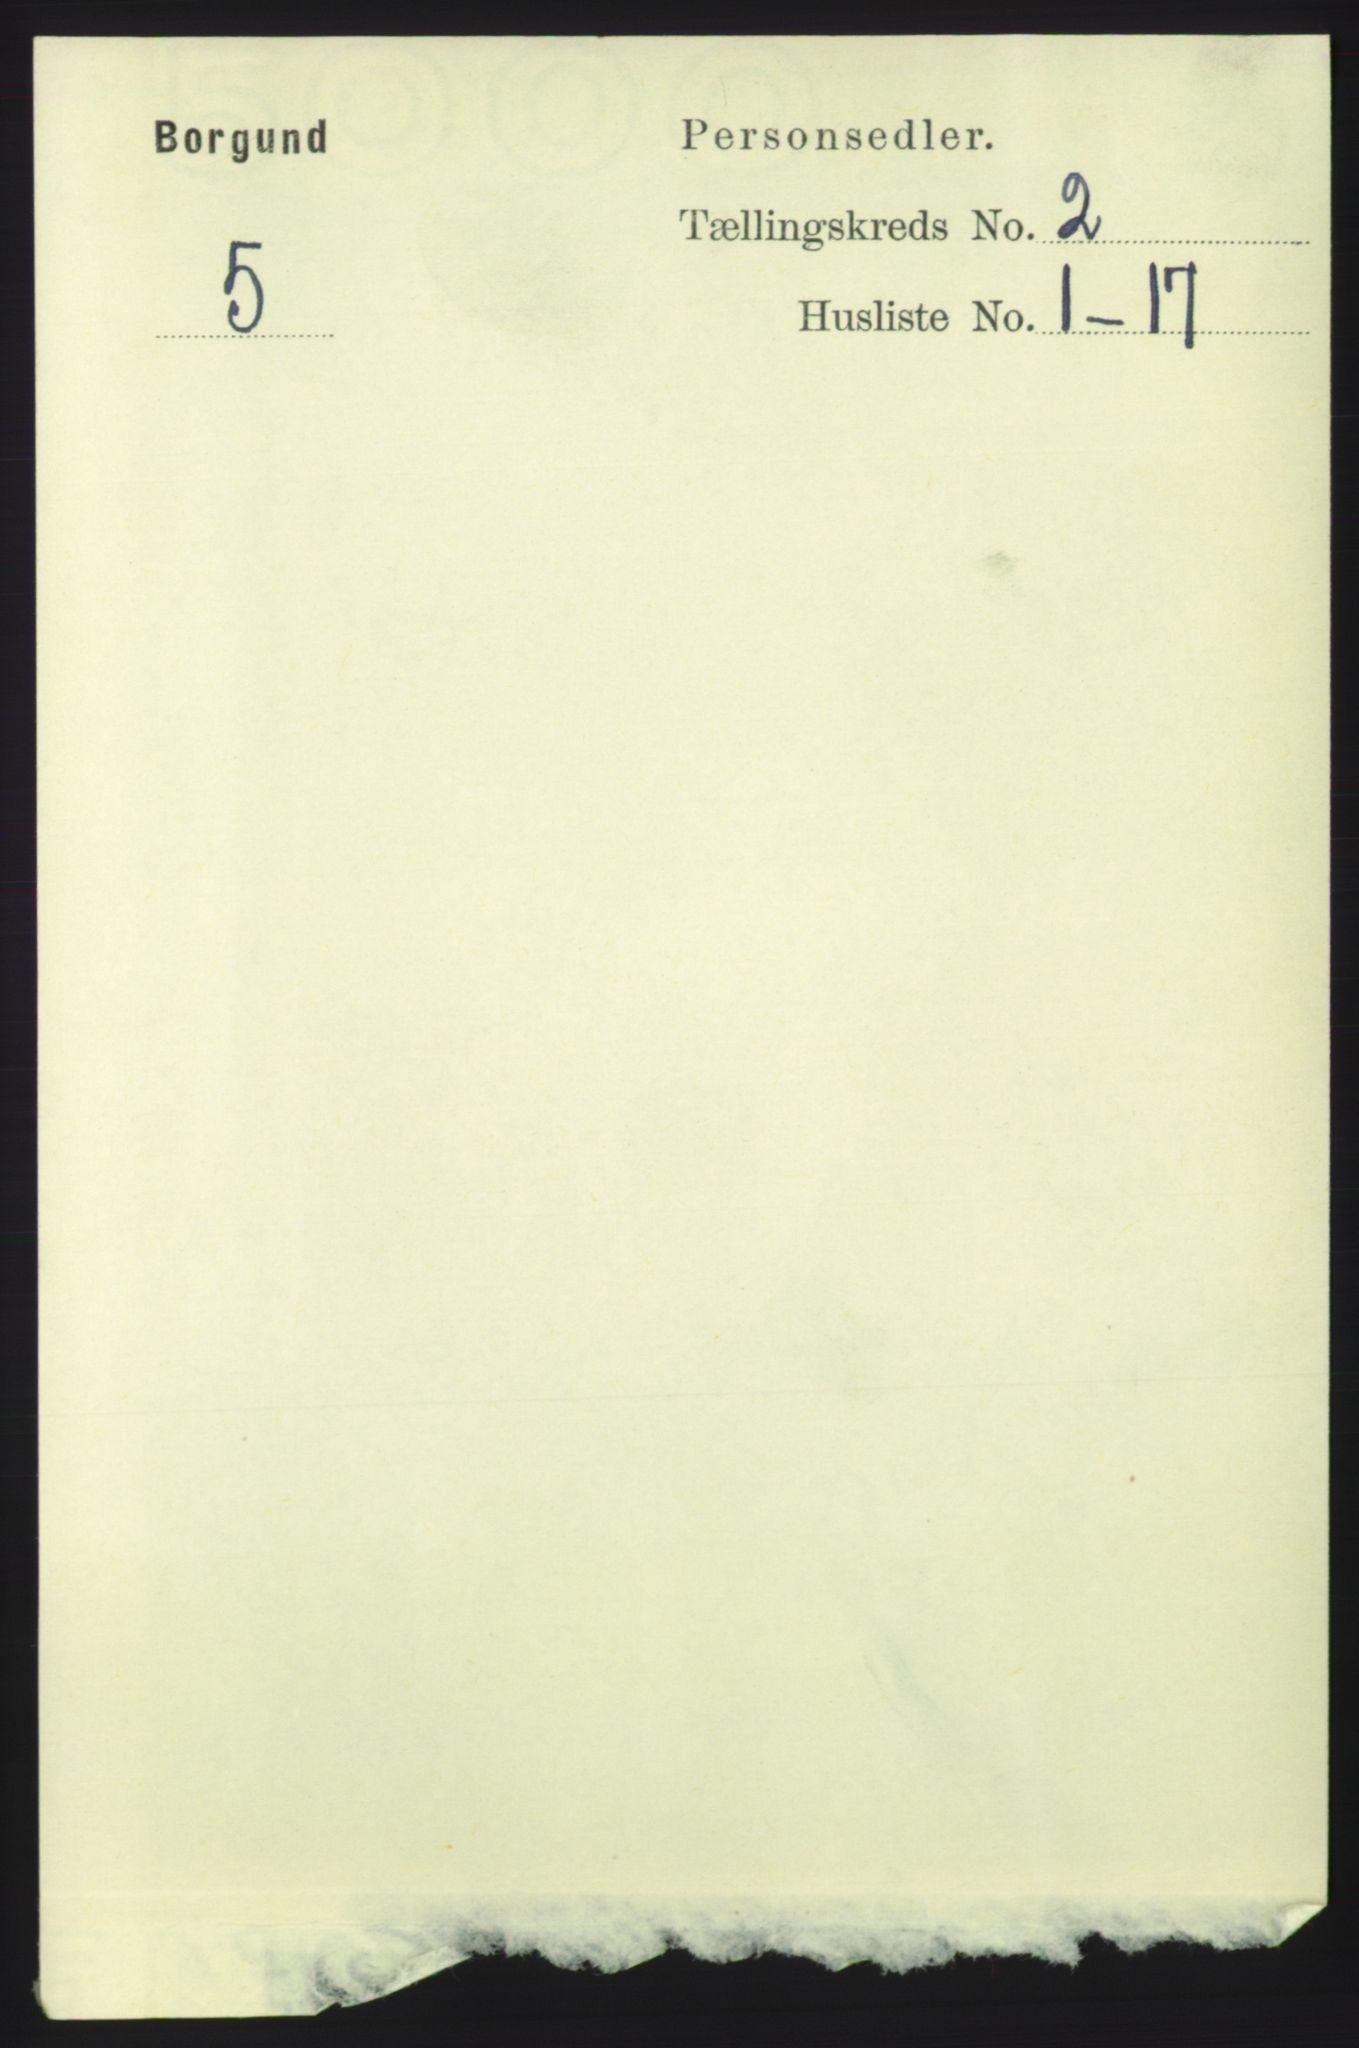 RA, Folketelling 1891 for 1531 Borgund herred, 1891, s. 450